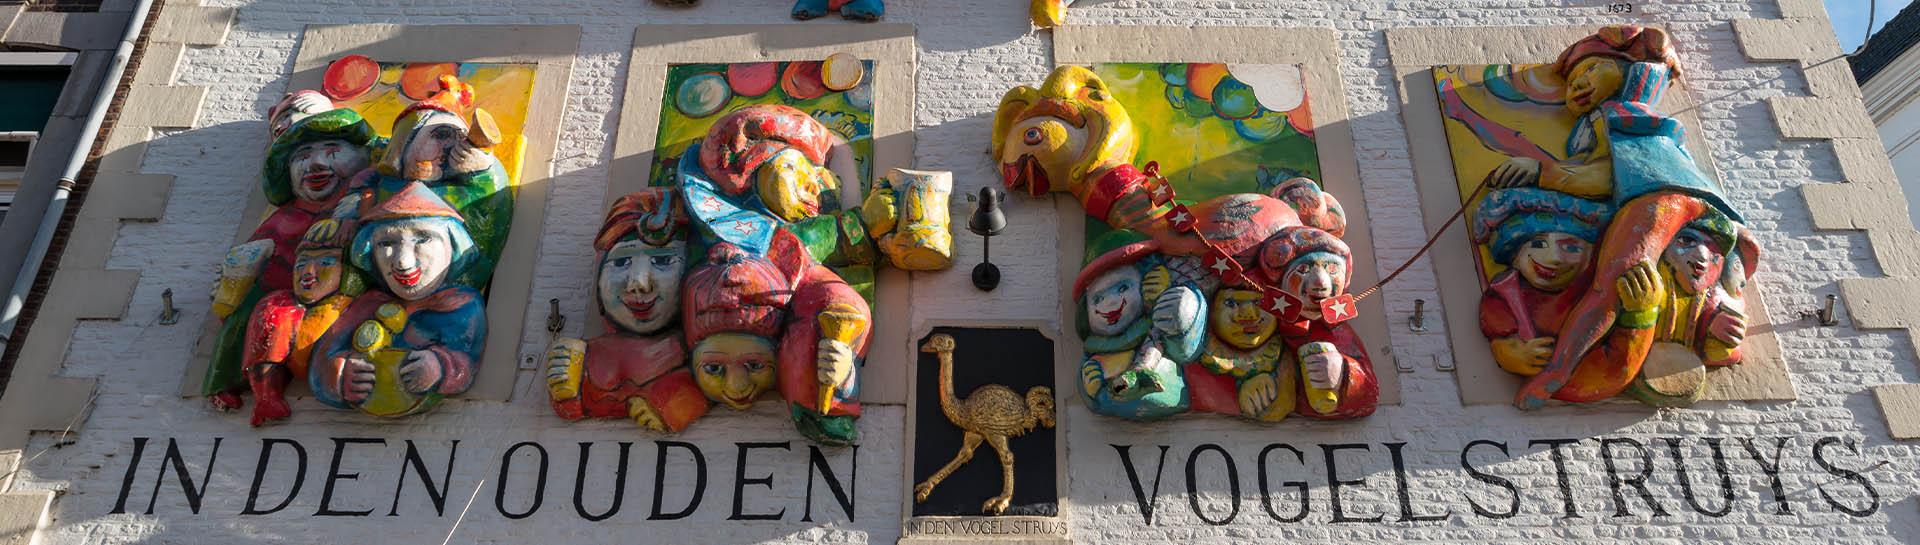 De versierde gevel van Café In Den Ouden Vogelstruys